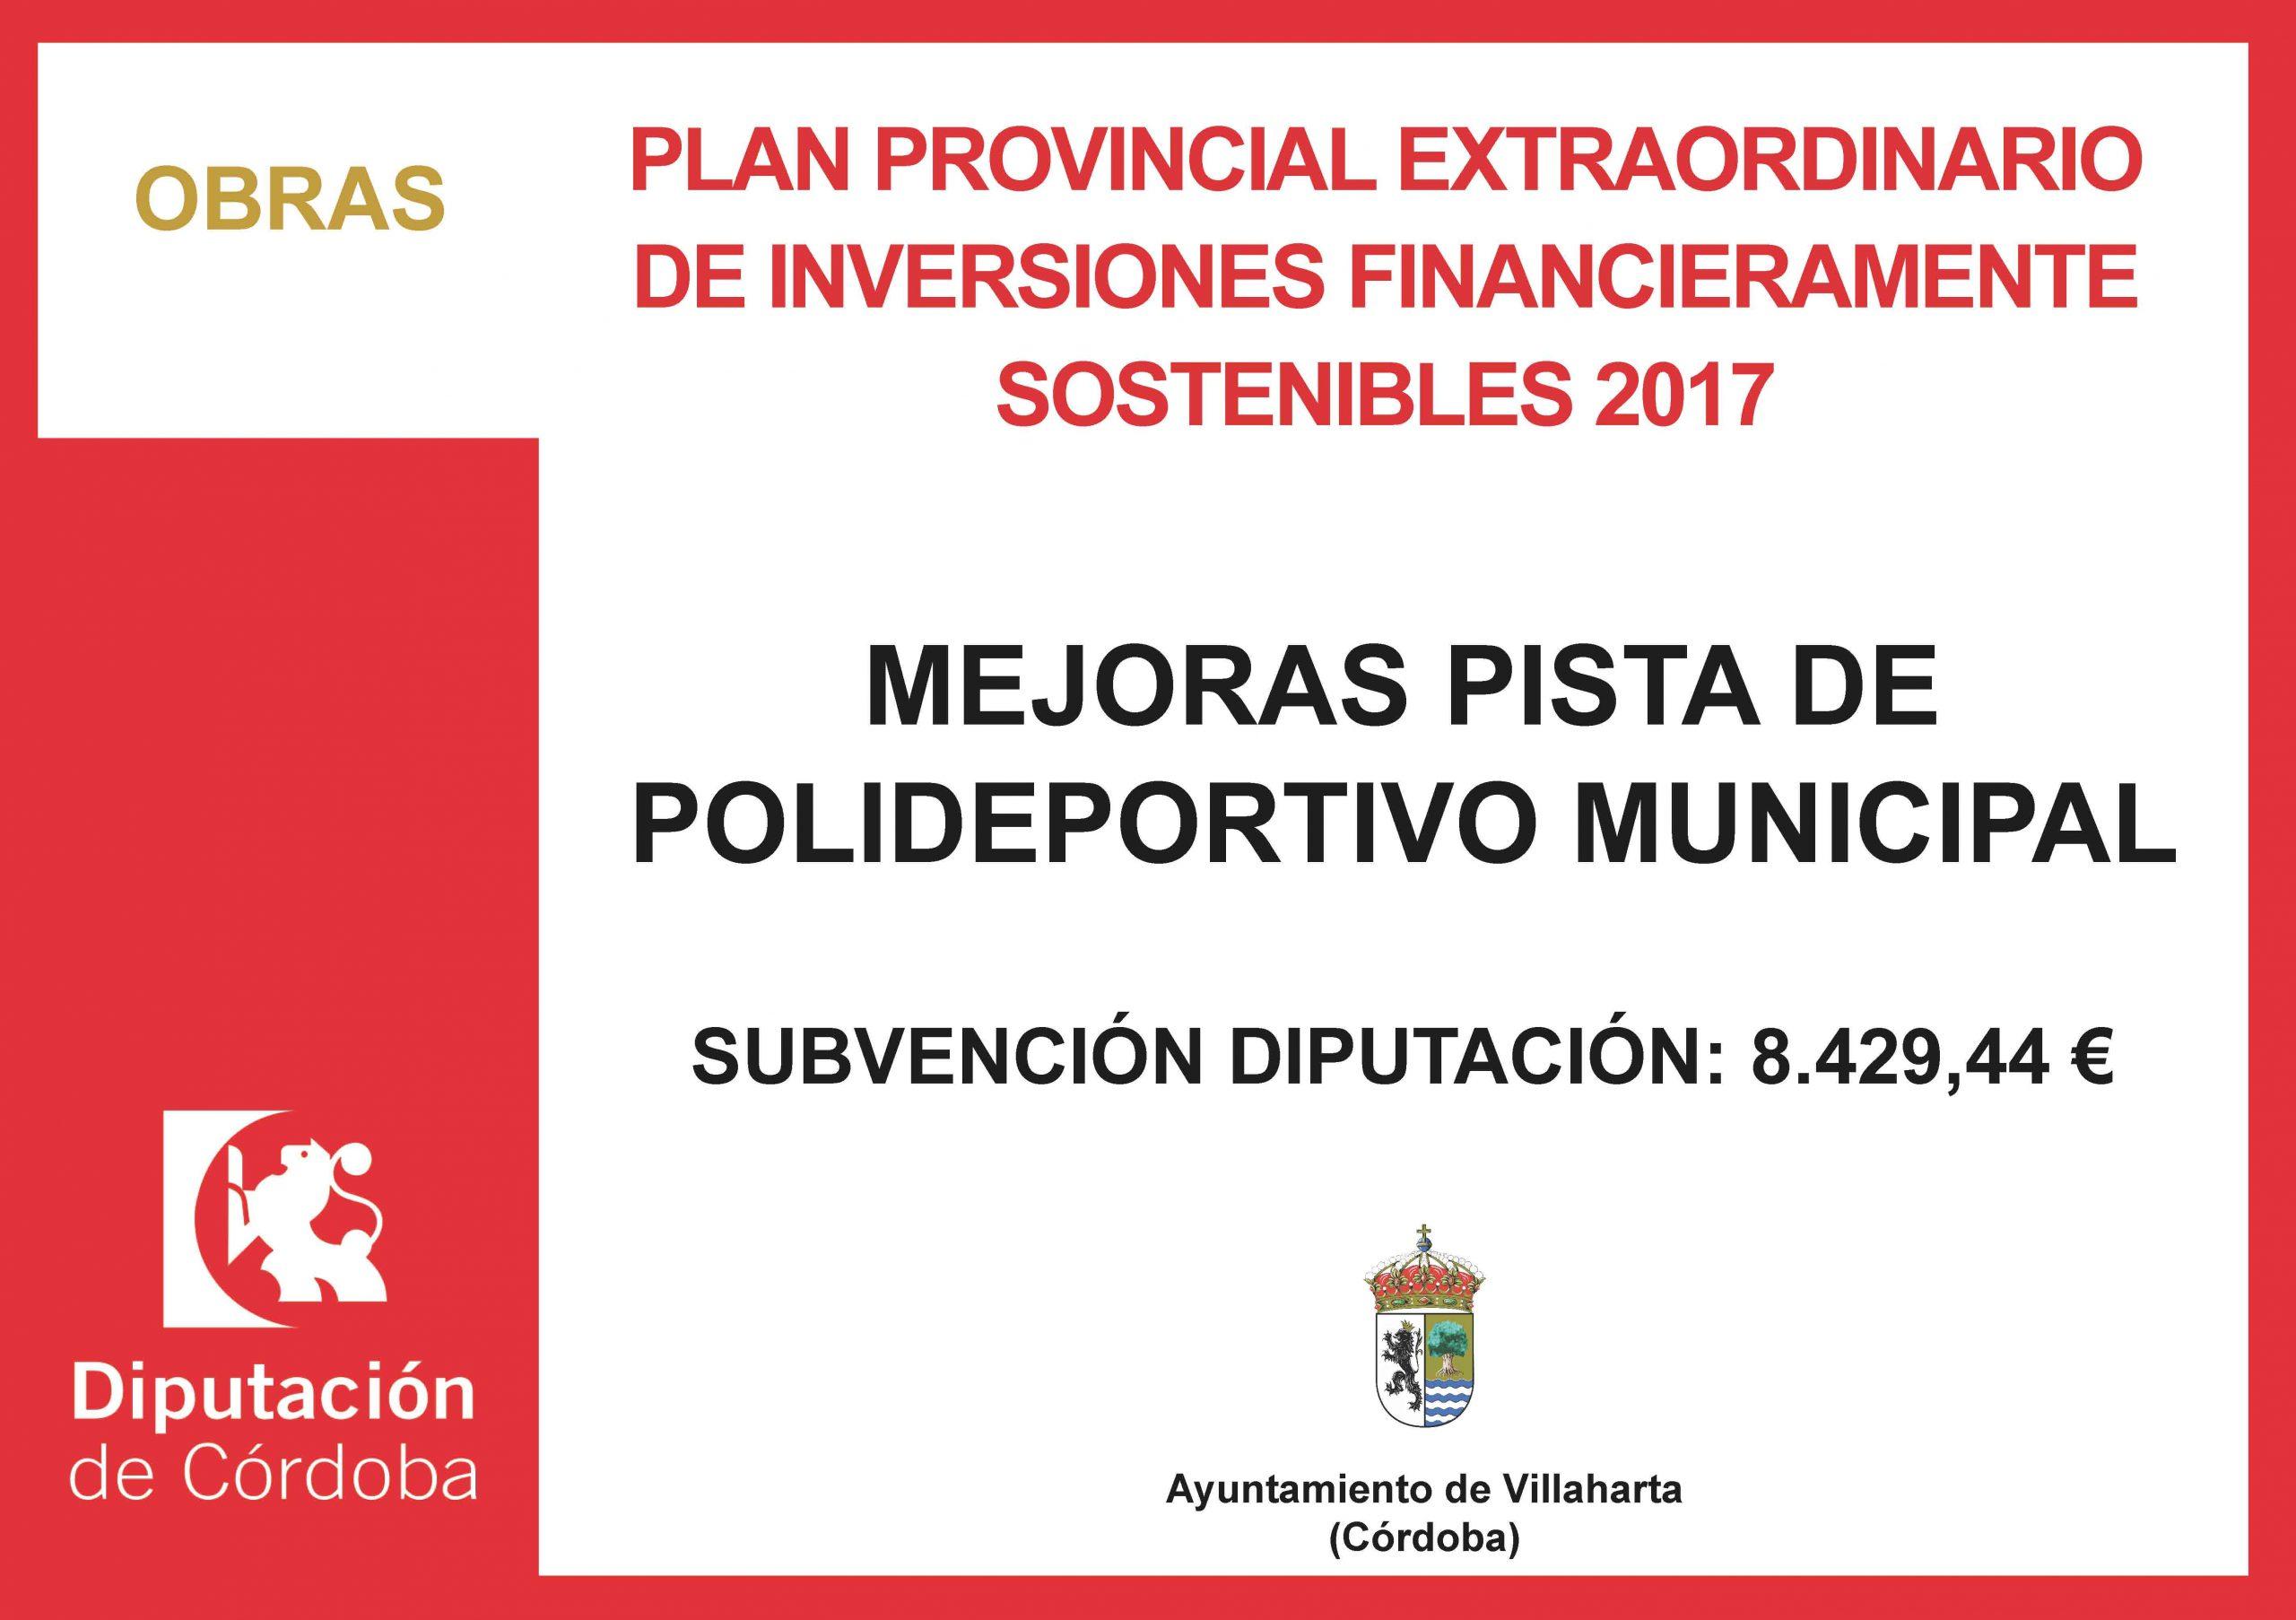 SUBVENCIONES RECIBIDAS. 2017 26